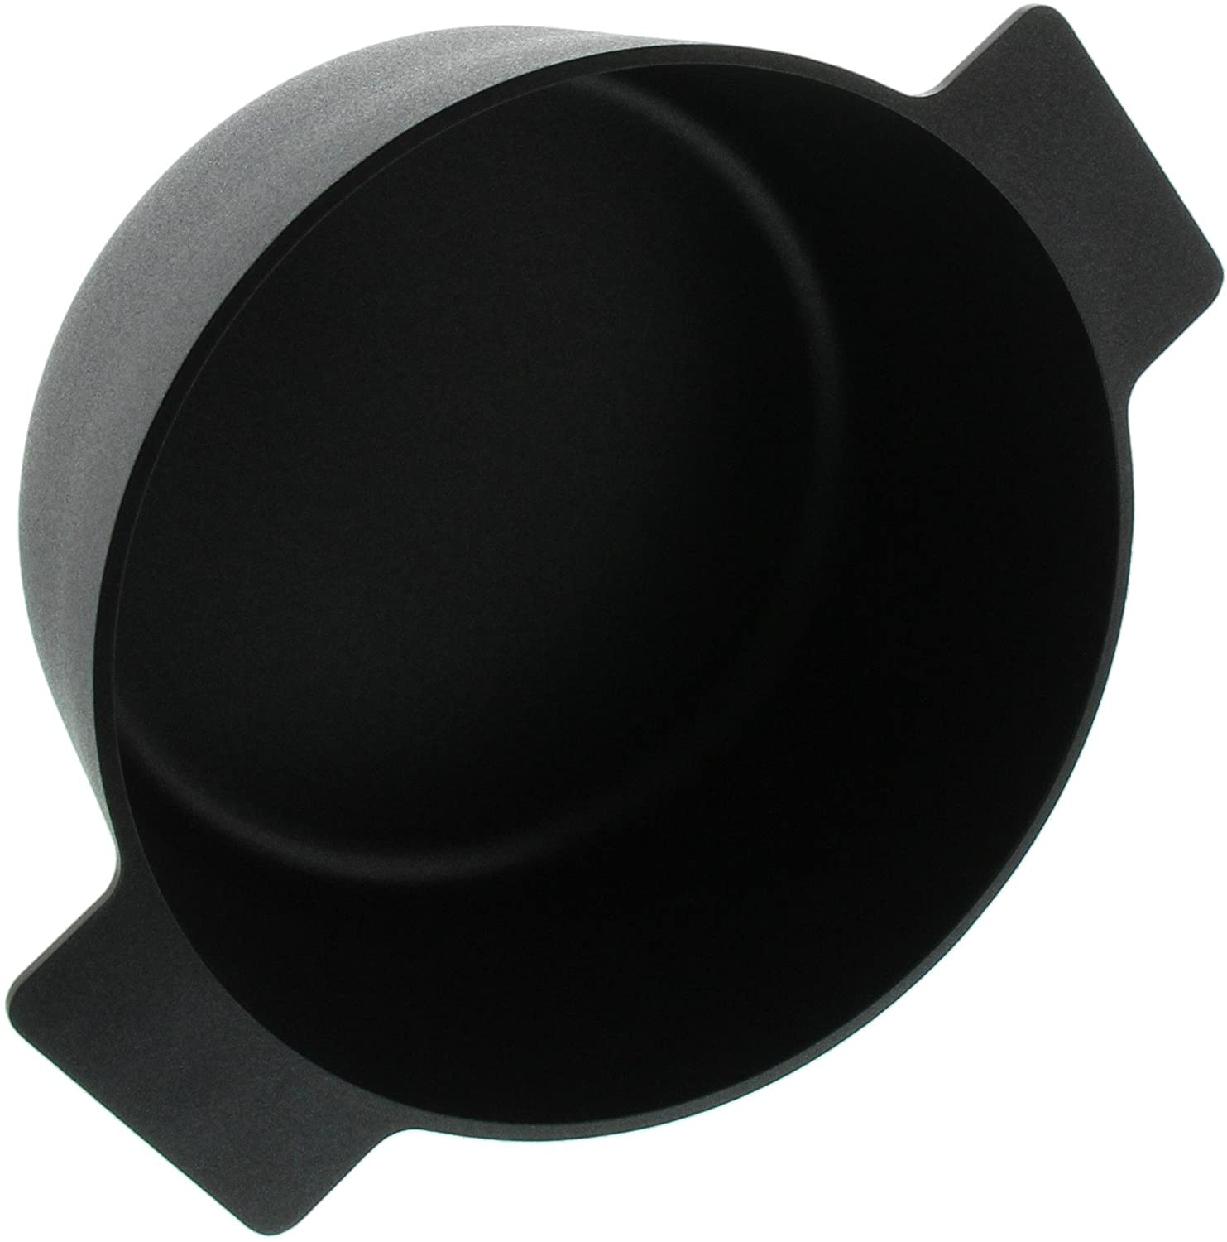 Eva Solo(エヴァソロ)両手鍋 蓋付 20cm 280230の商品画像5